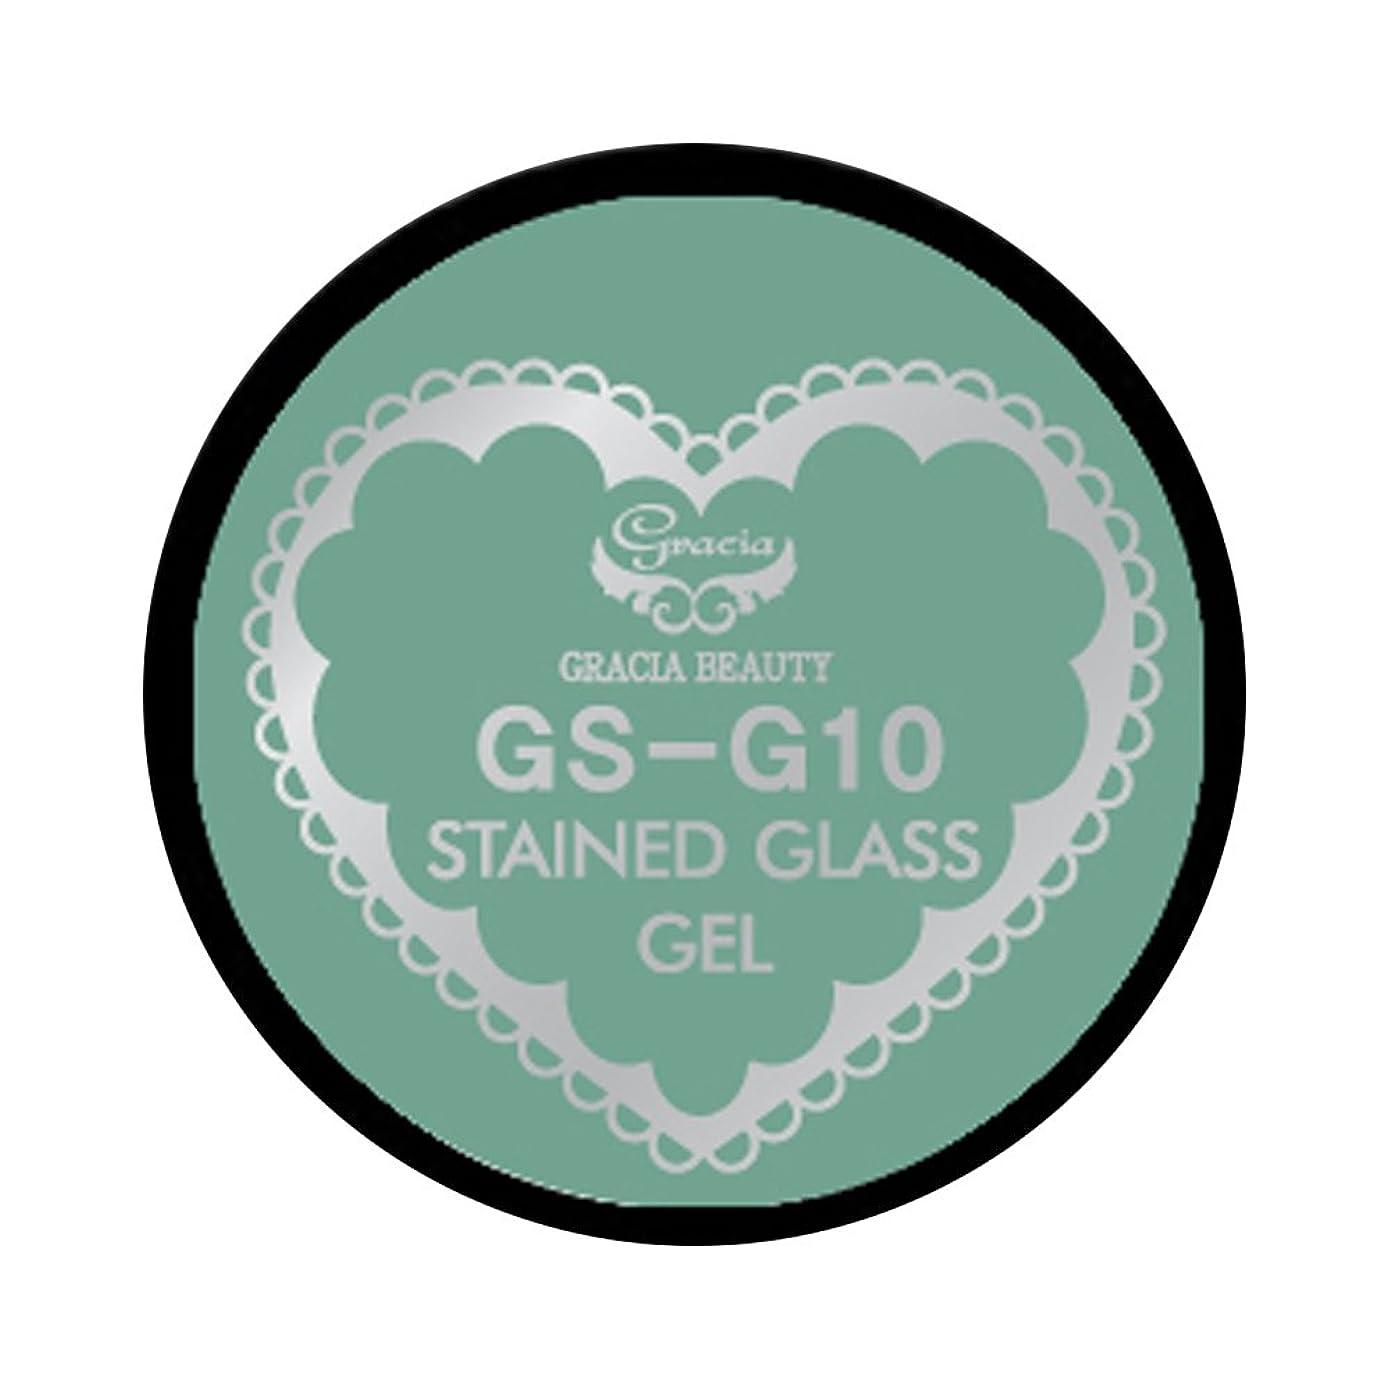 抑止するシンプルさレイアグラシア ジェルネイル ステンドグラスジェル GSM-G10 3g  グリッター UV/LED対応 カラージェル ソークオフジェル ガラスのような透明感